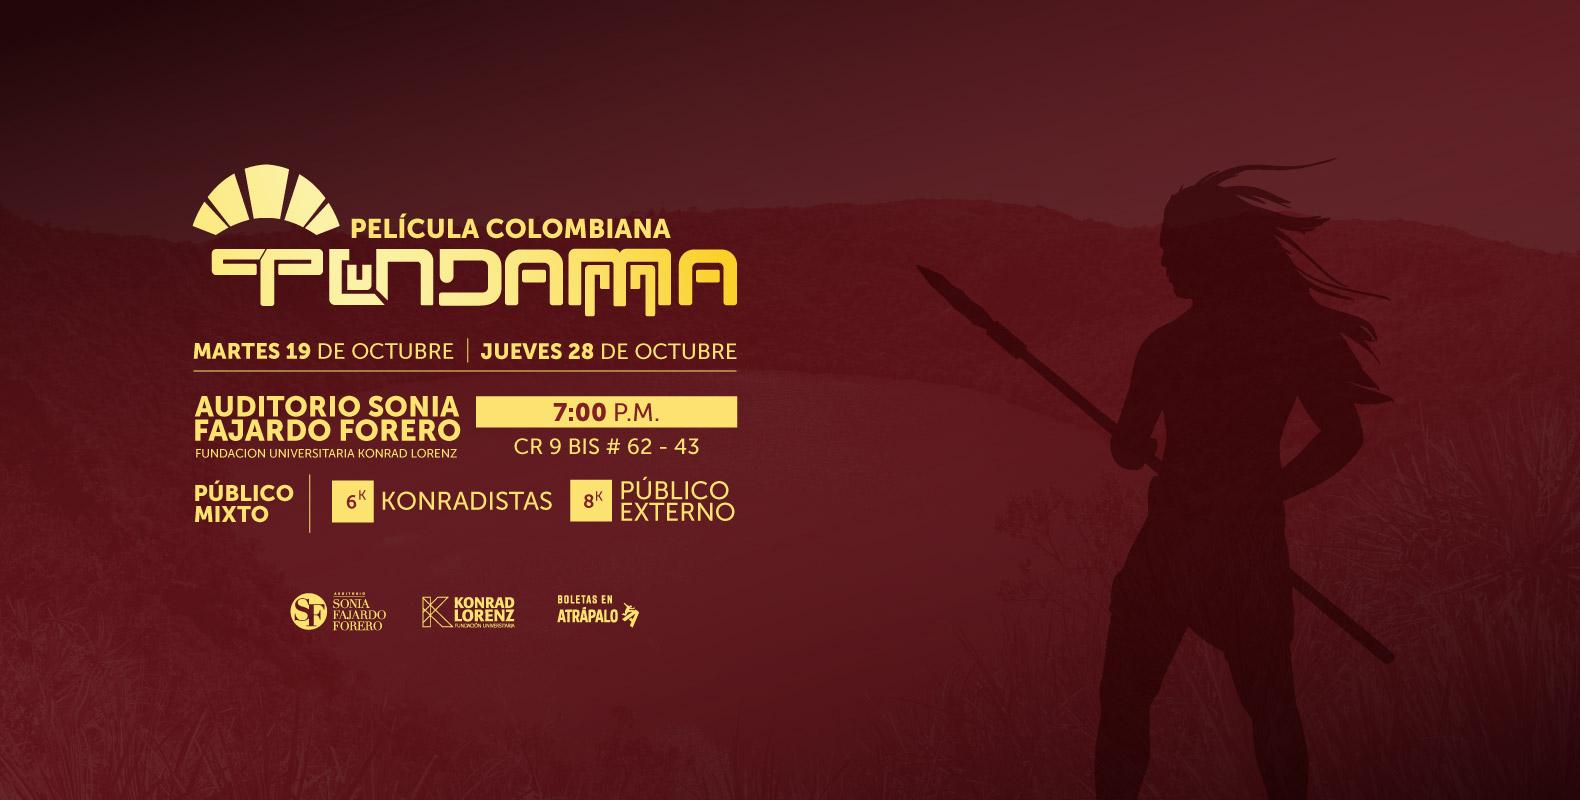 Película Colombiana: Tundama